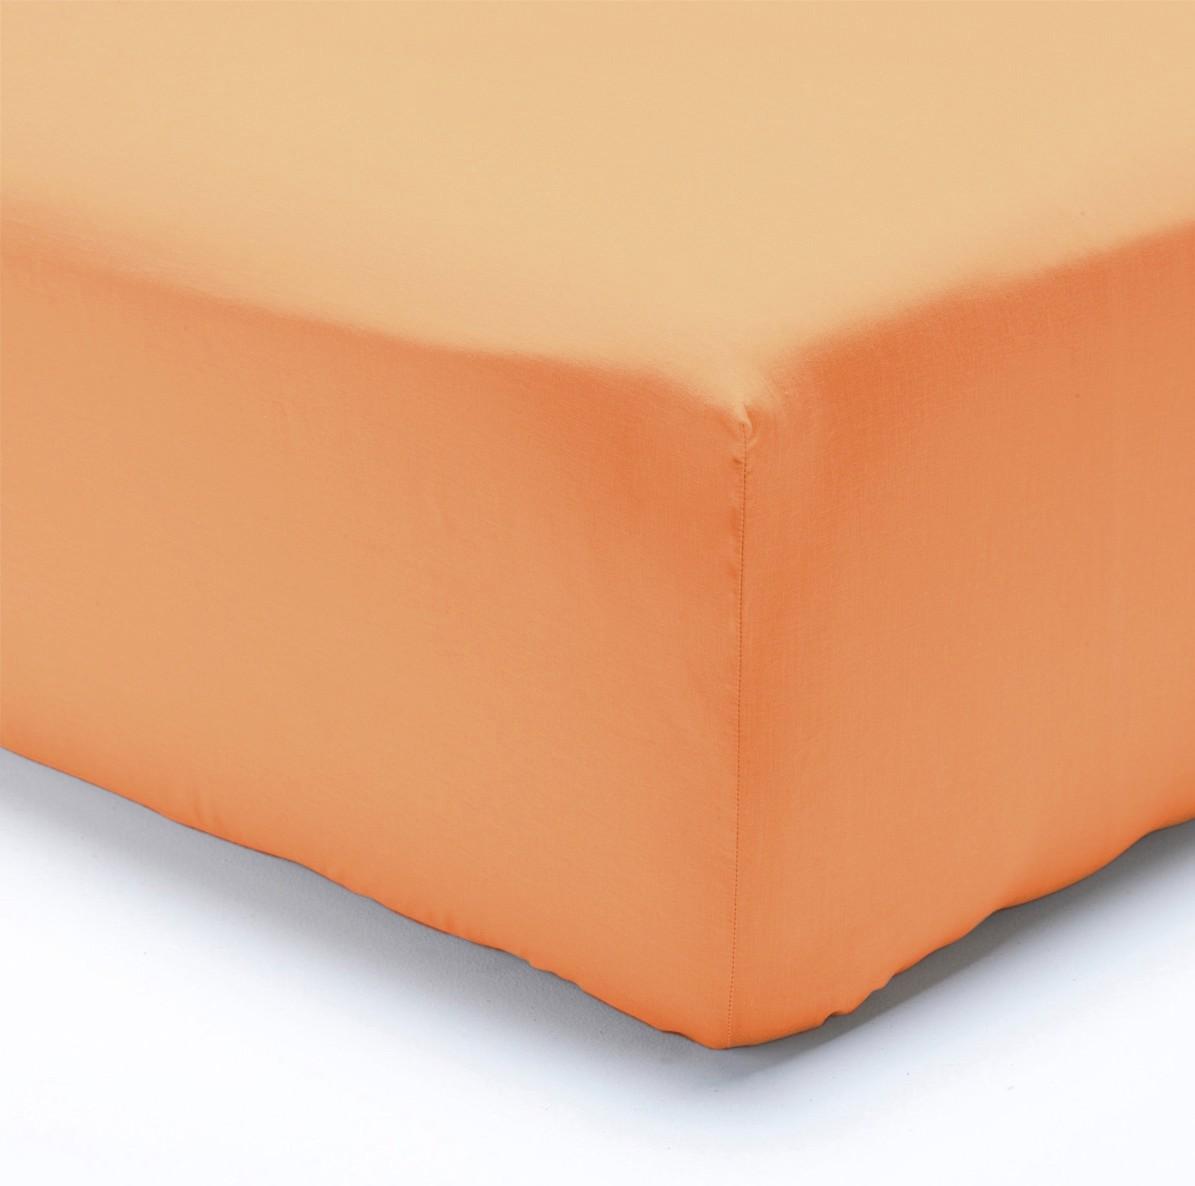 Polášek jersey prostěradlo 70x160cm, lososové